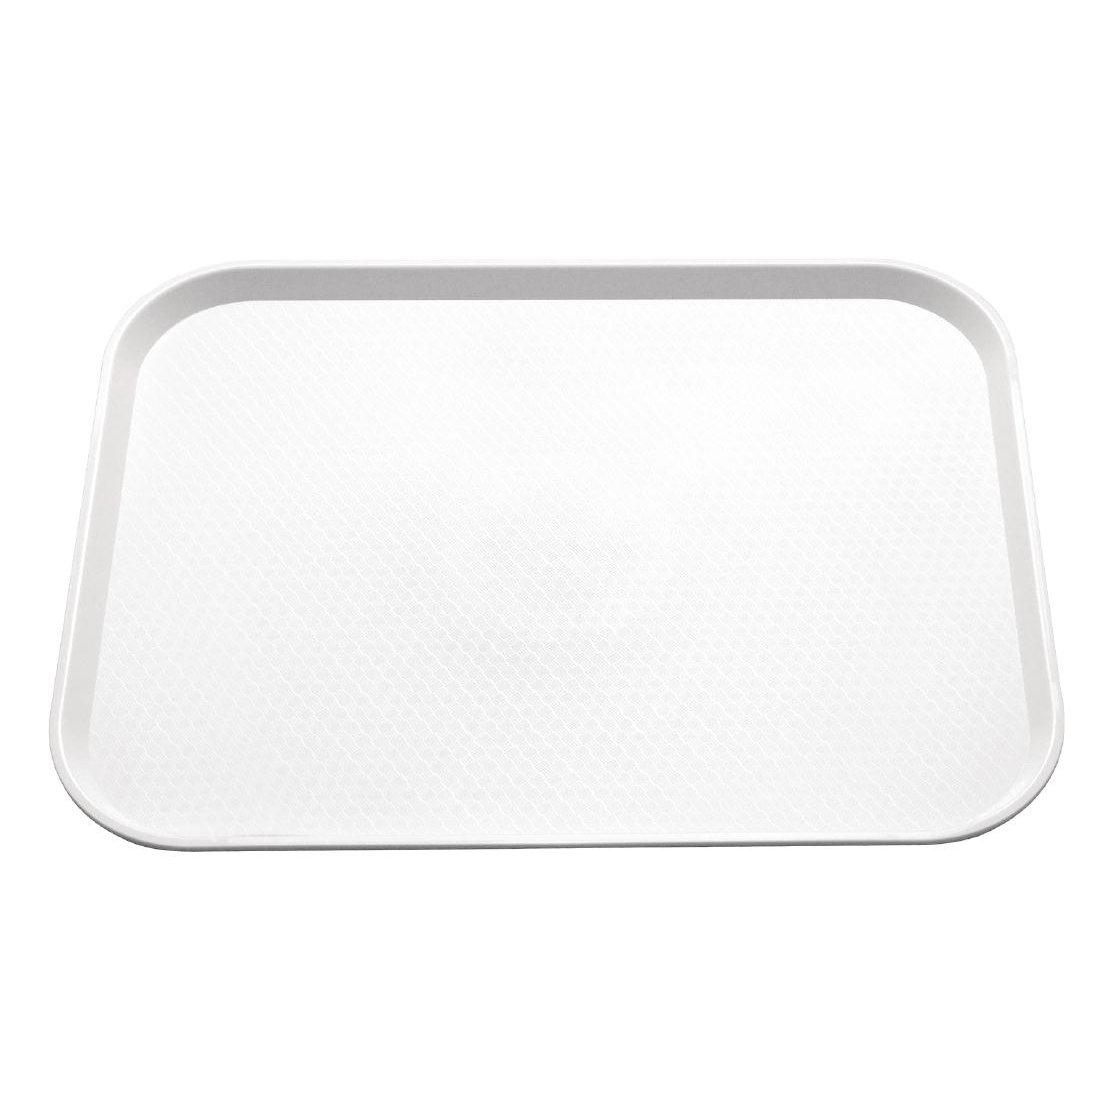 Kristallon bandeja de restauraci/ón 450/x 350/mm color blanco fuente de servir.